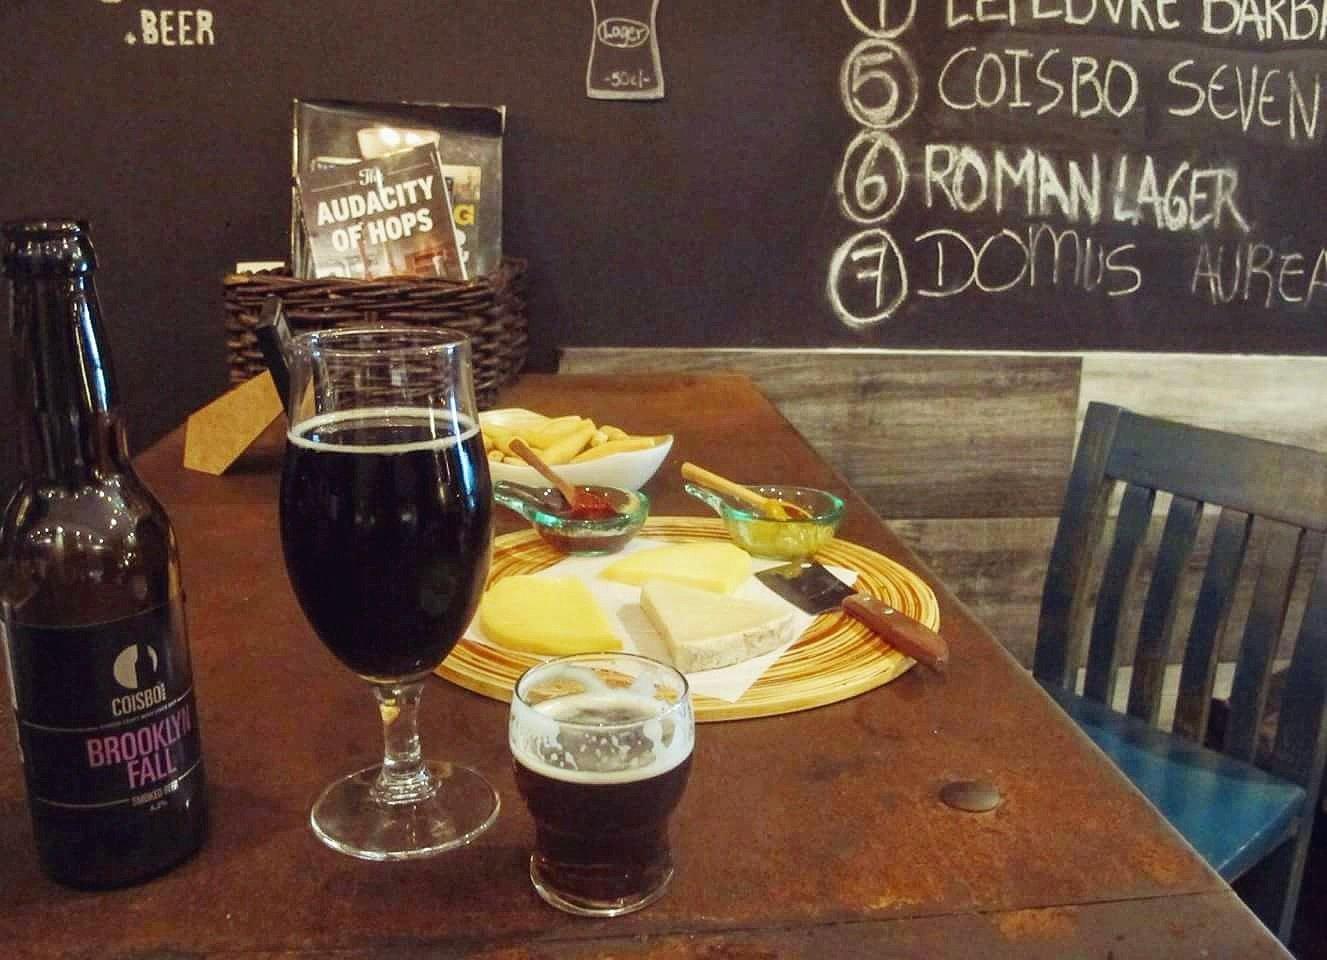 """#BeeBeer """"En Chueca se ofrece la mejor combinación de cervezas y quesos artesanales de Madrid ¡Disfrútalas!"""" #Coisbo https://t.co/aYVsygPR93"""